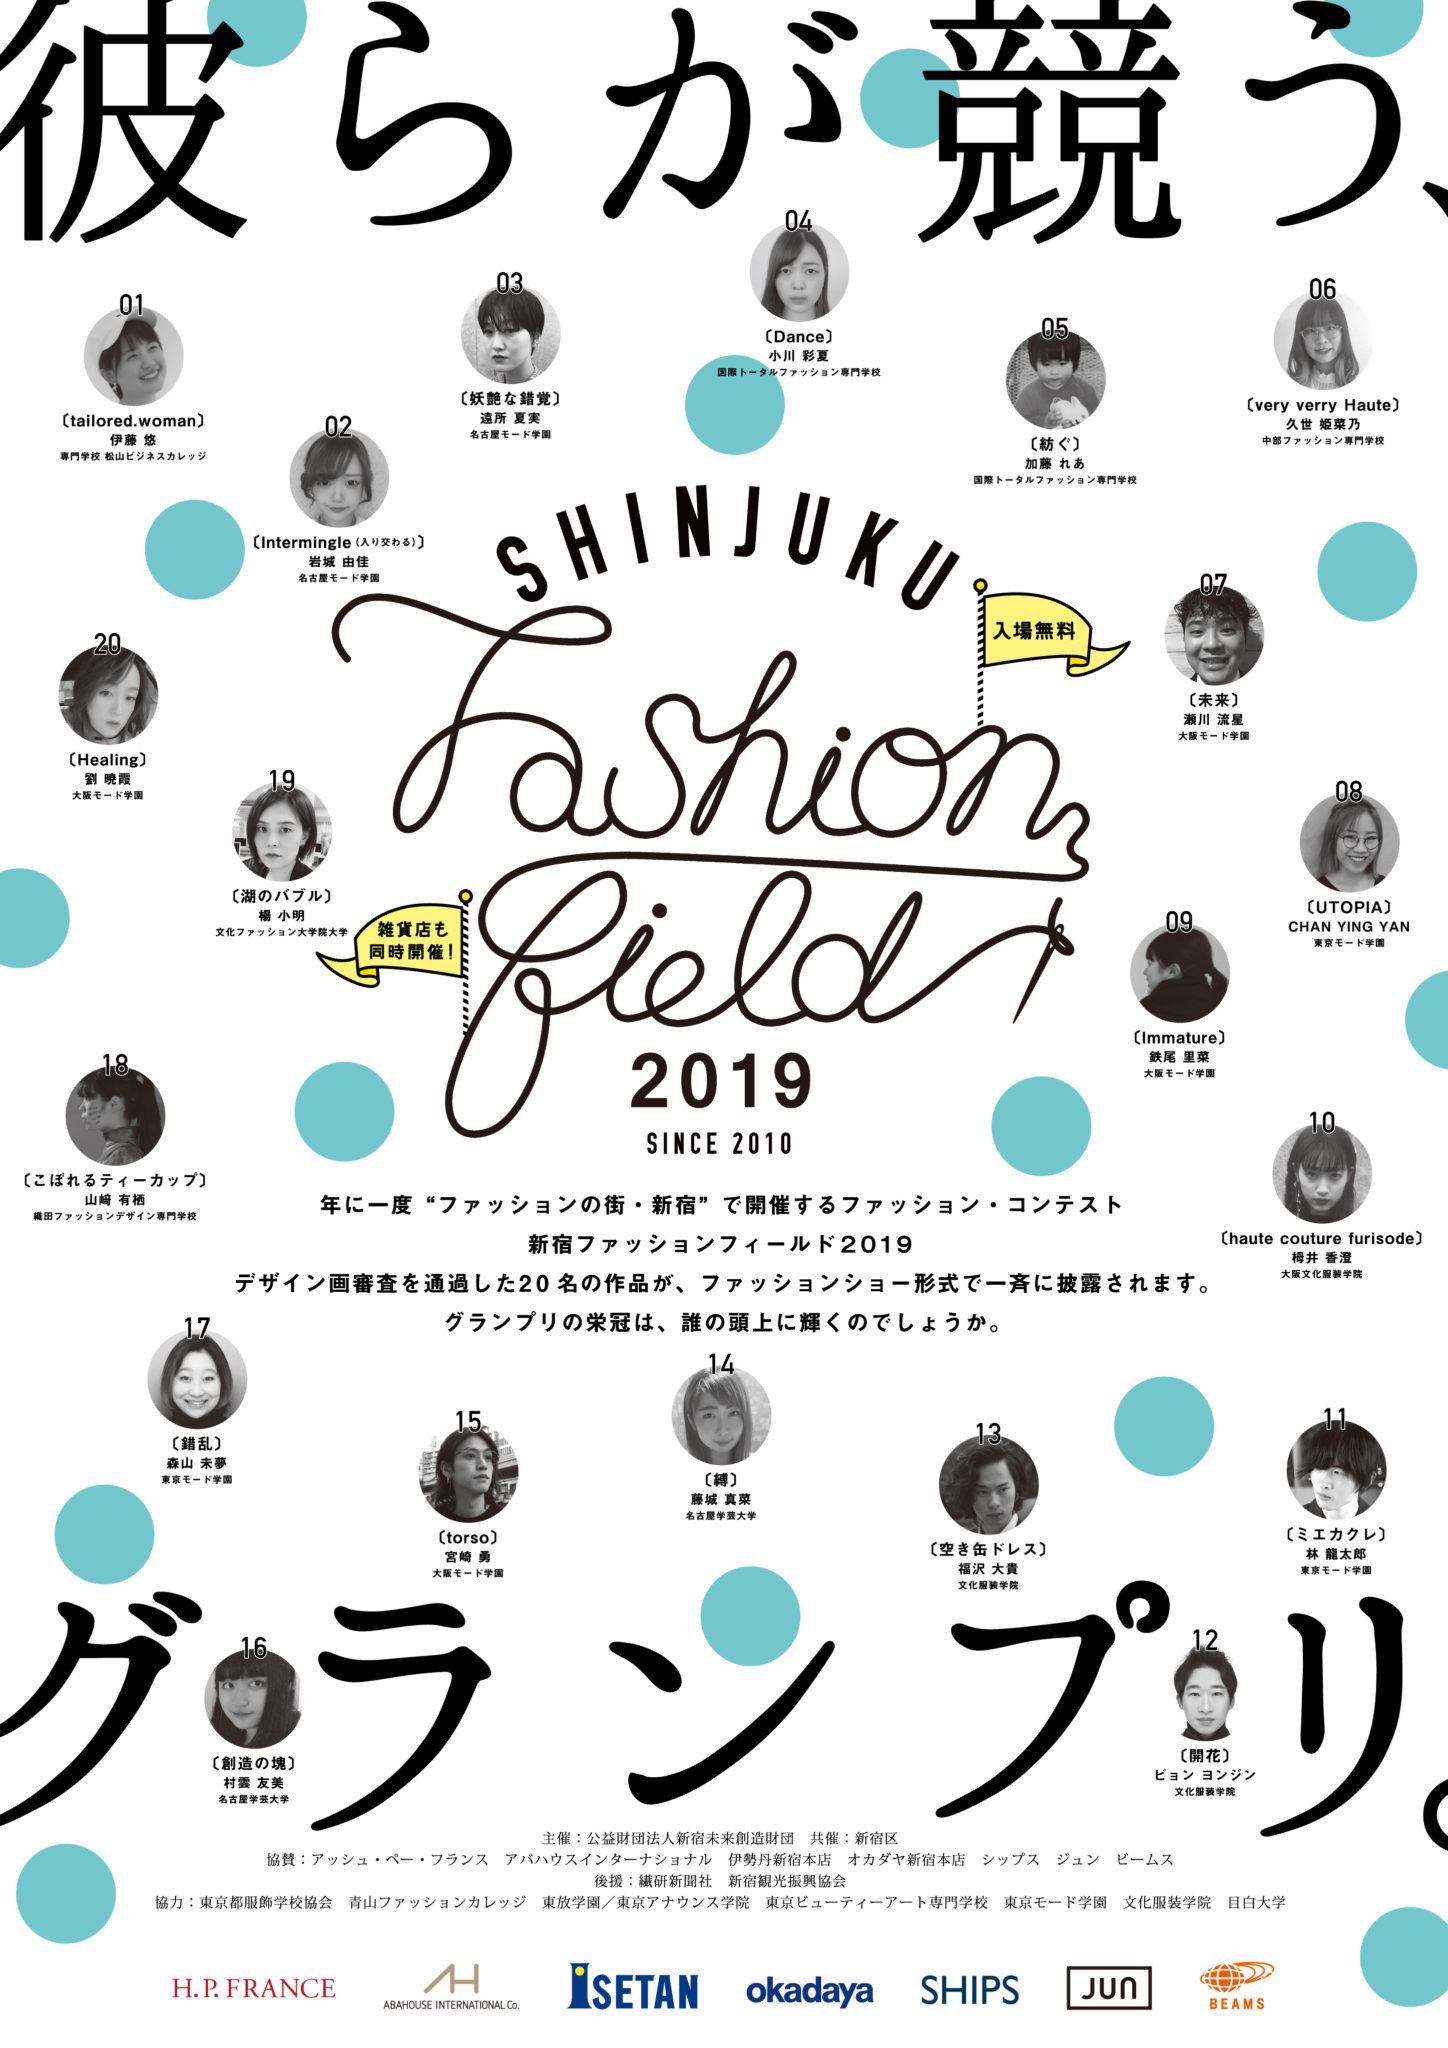 新宿ファッションフィールド2019 ~若きデザイナーたちのファッションショー